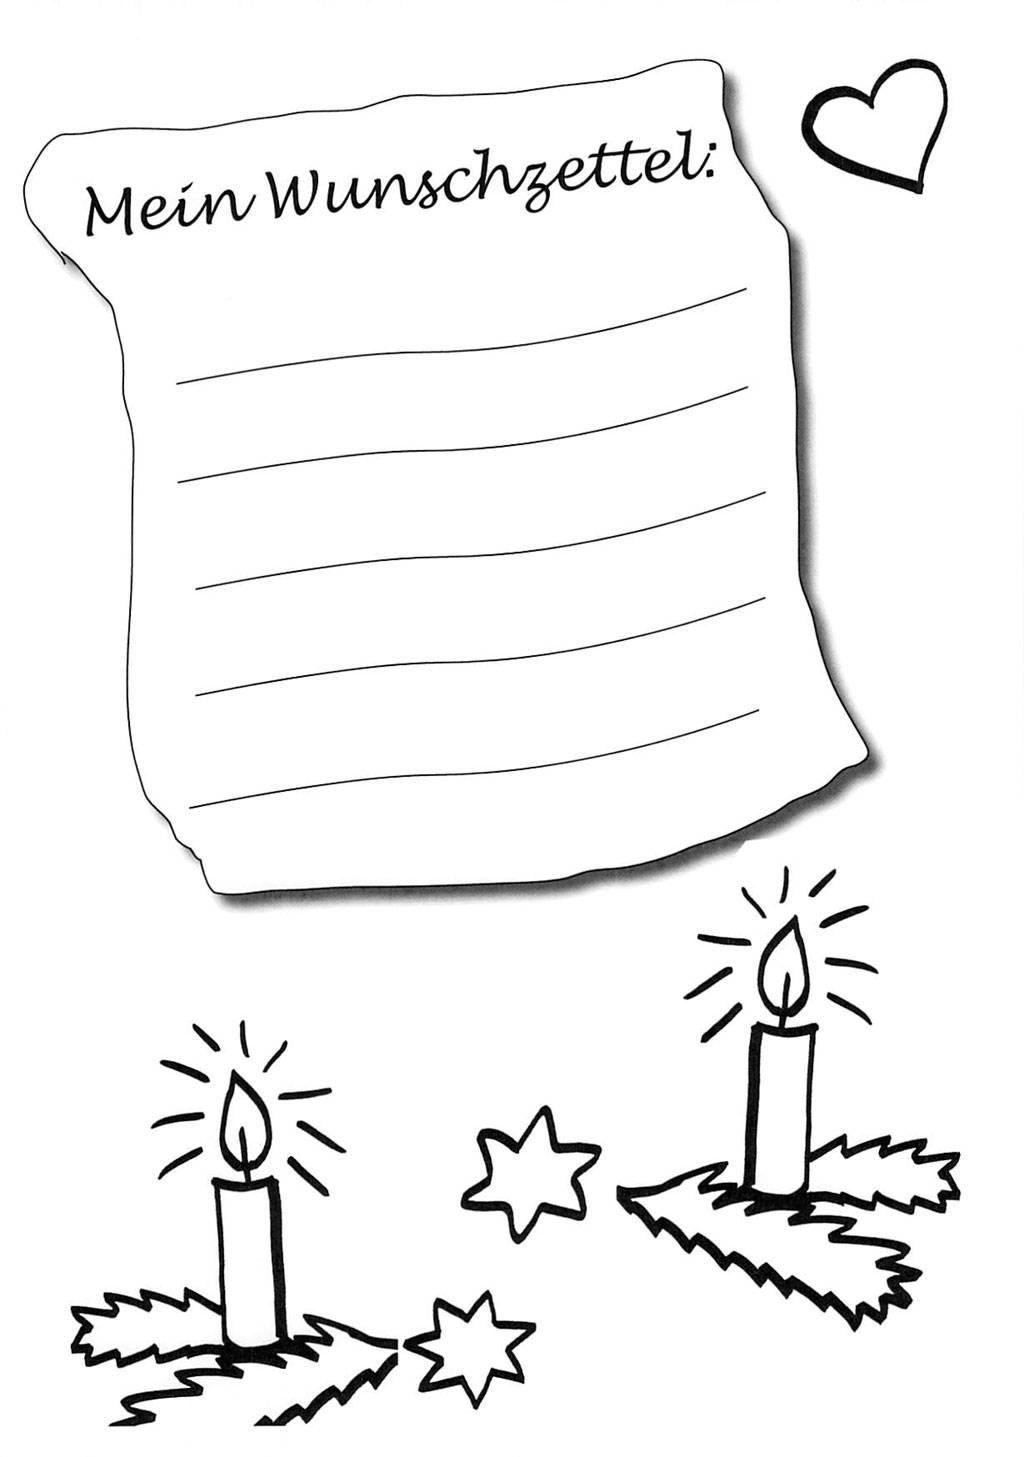 Kostenlose Malvorlage Wunschzettel für Weihnachten: Ausmalbild ...